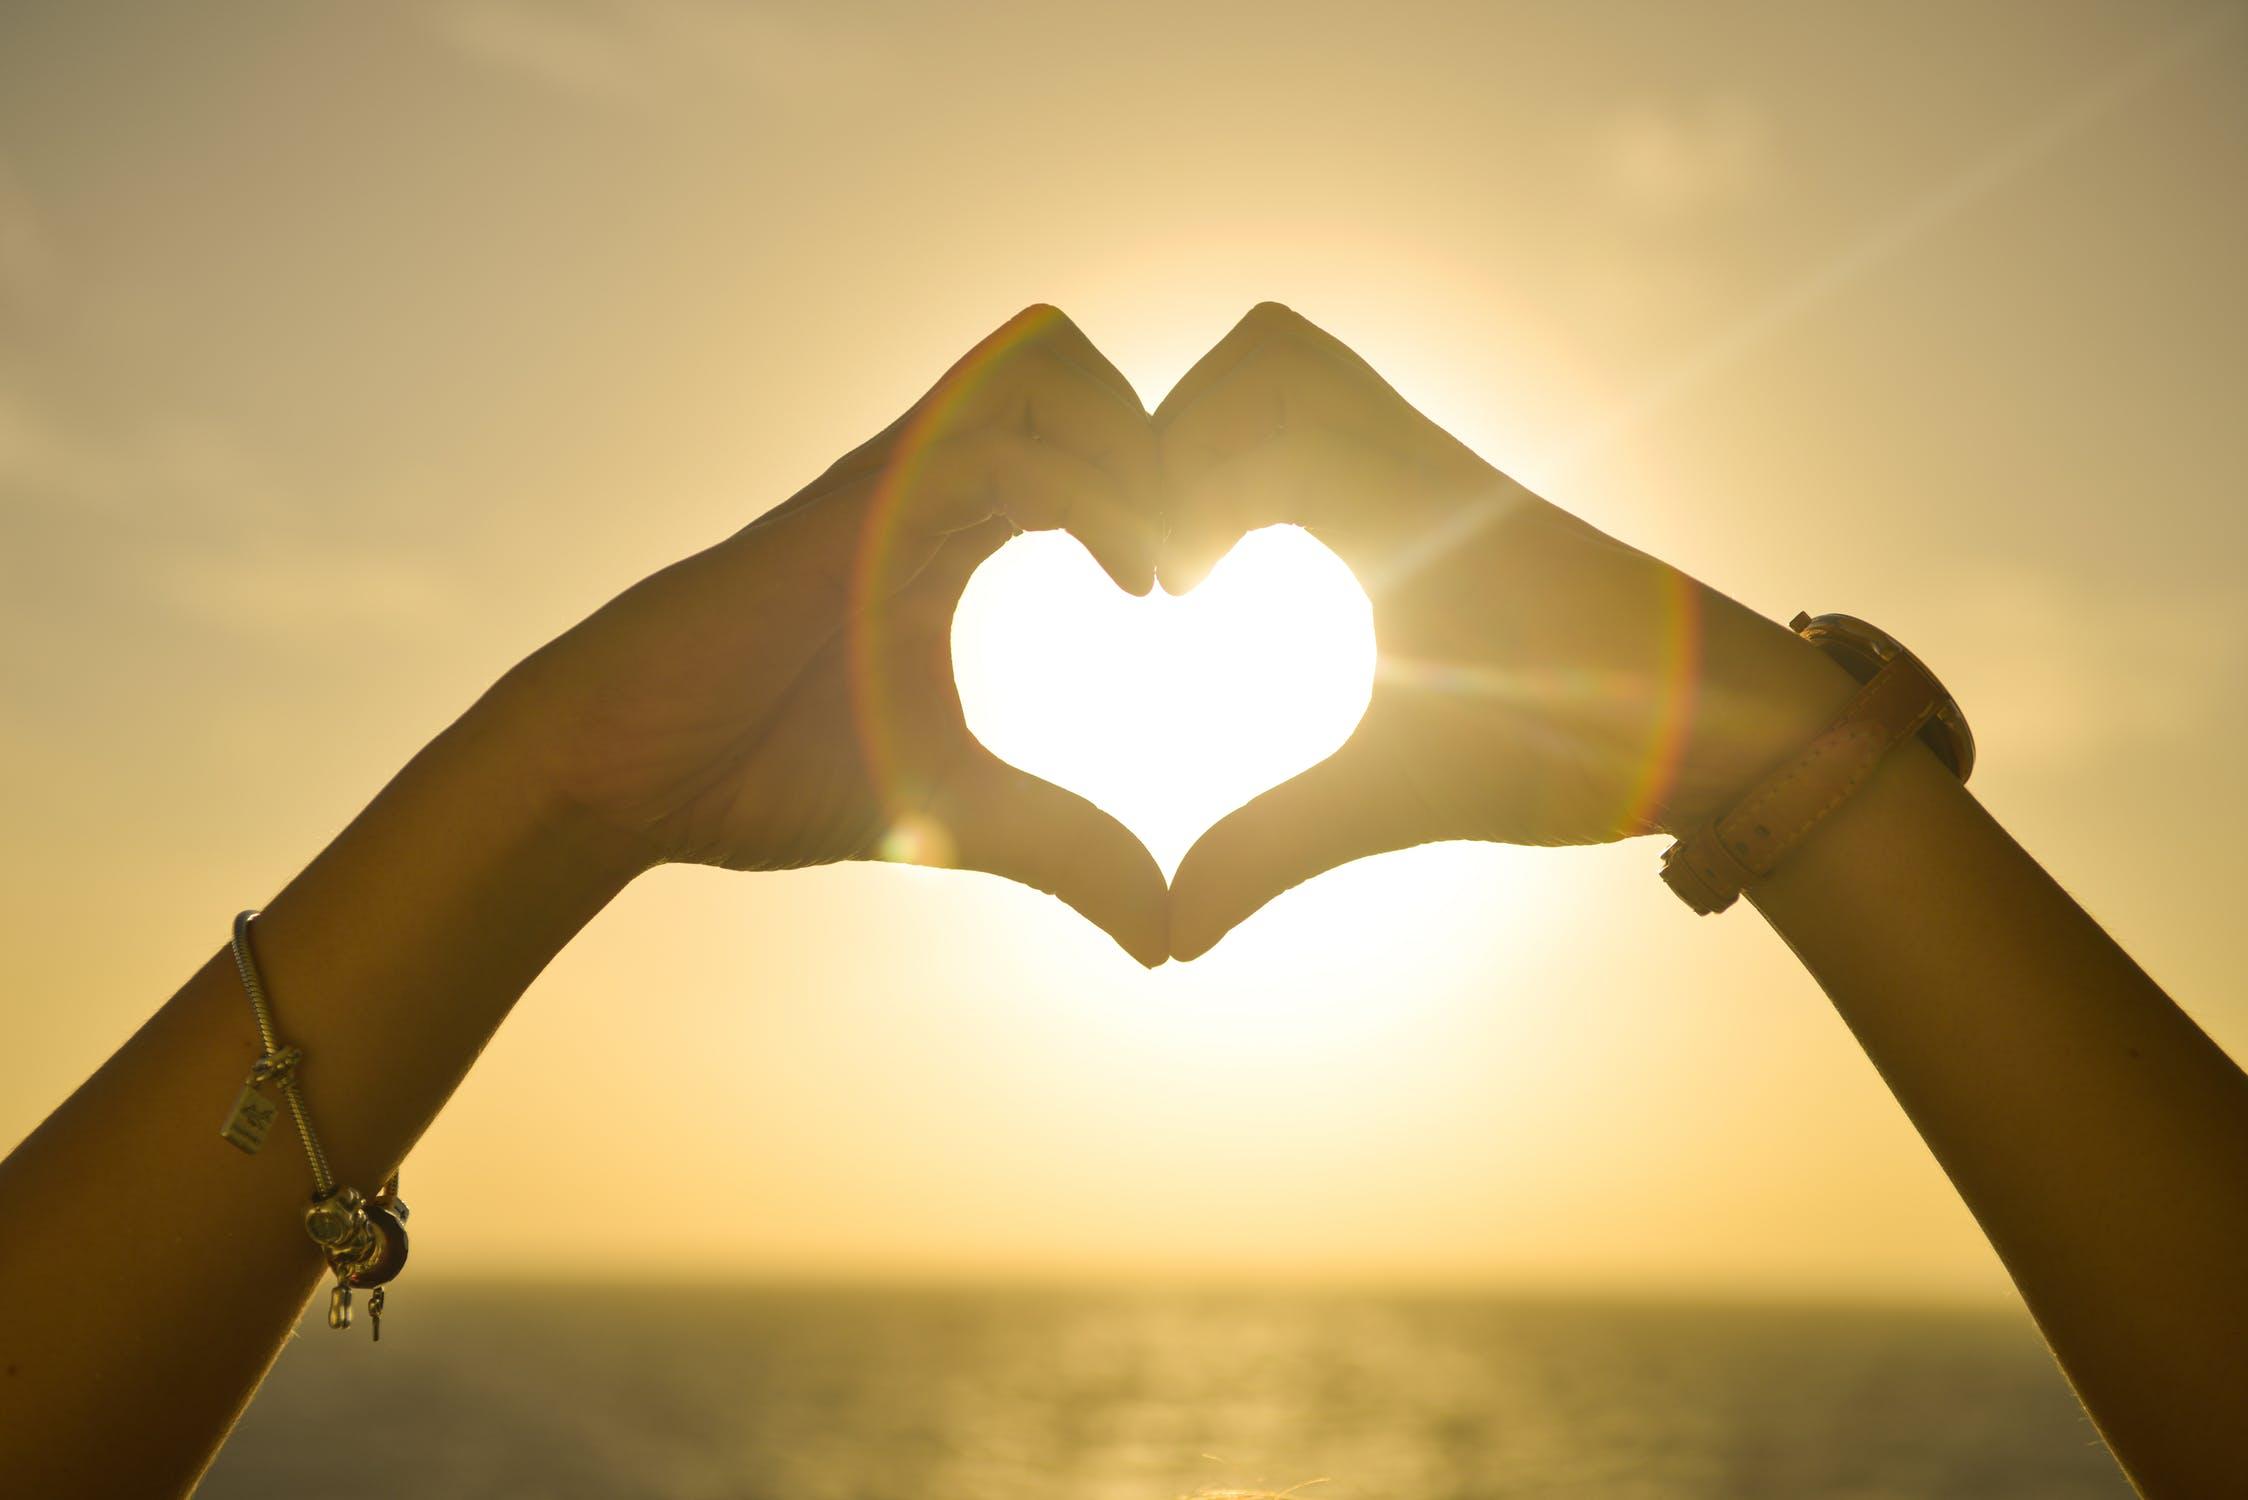 sådan er kærlighed